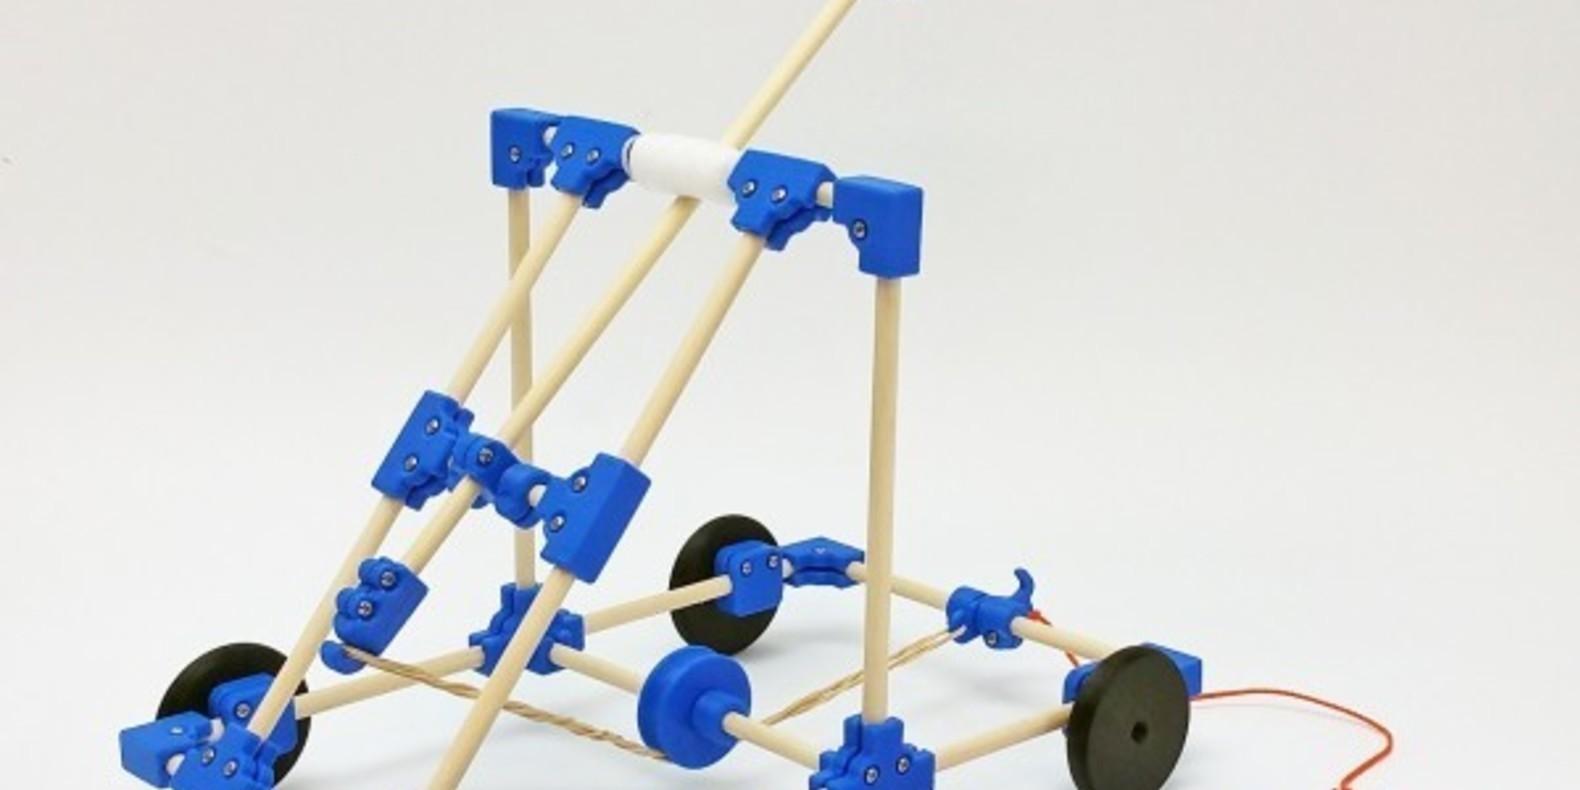 mypie catapulte fichier 3D cults impression 3D maker 0